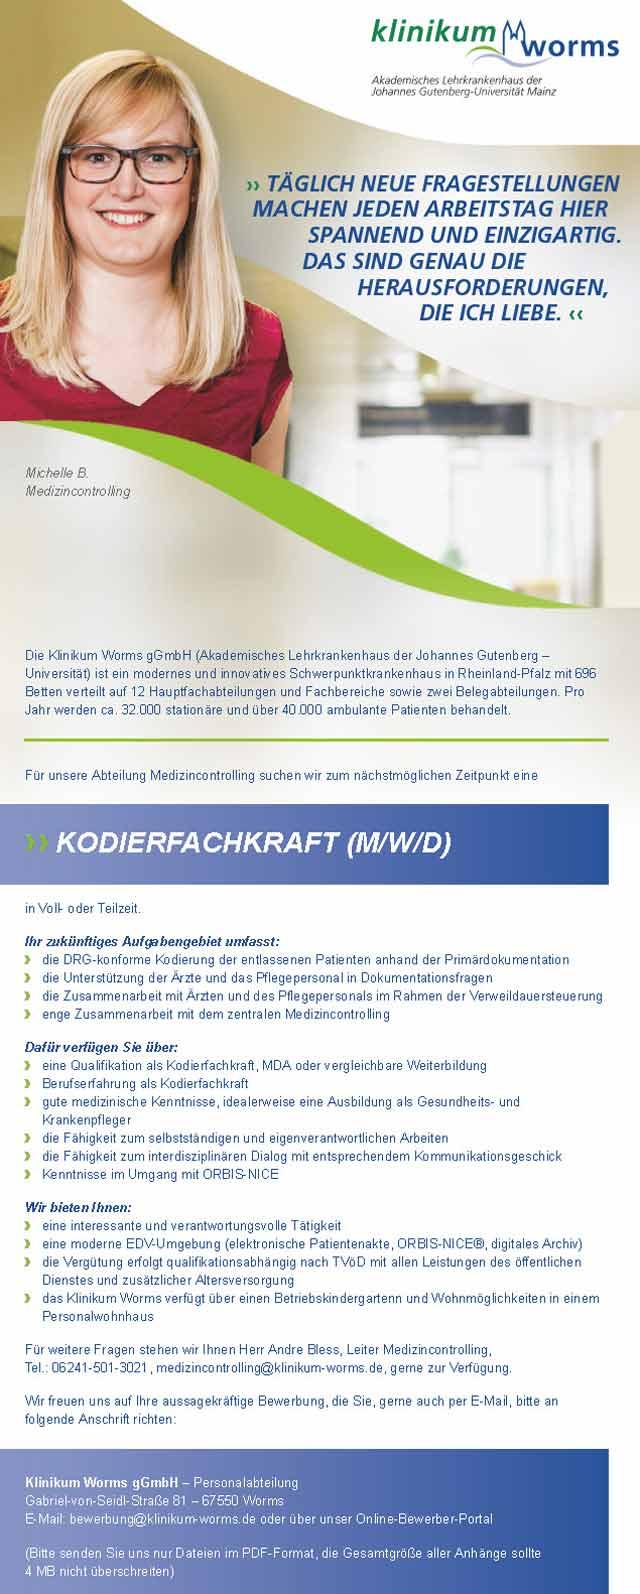 Klinikum Worms: Kodierfachkraft (m/w/d)